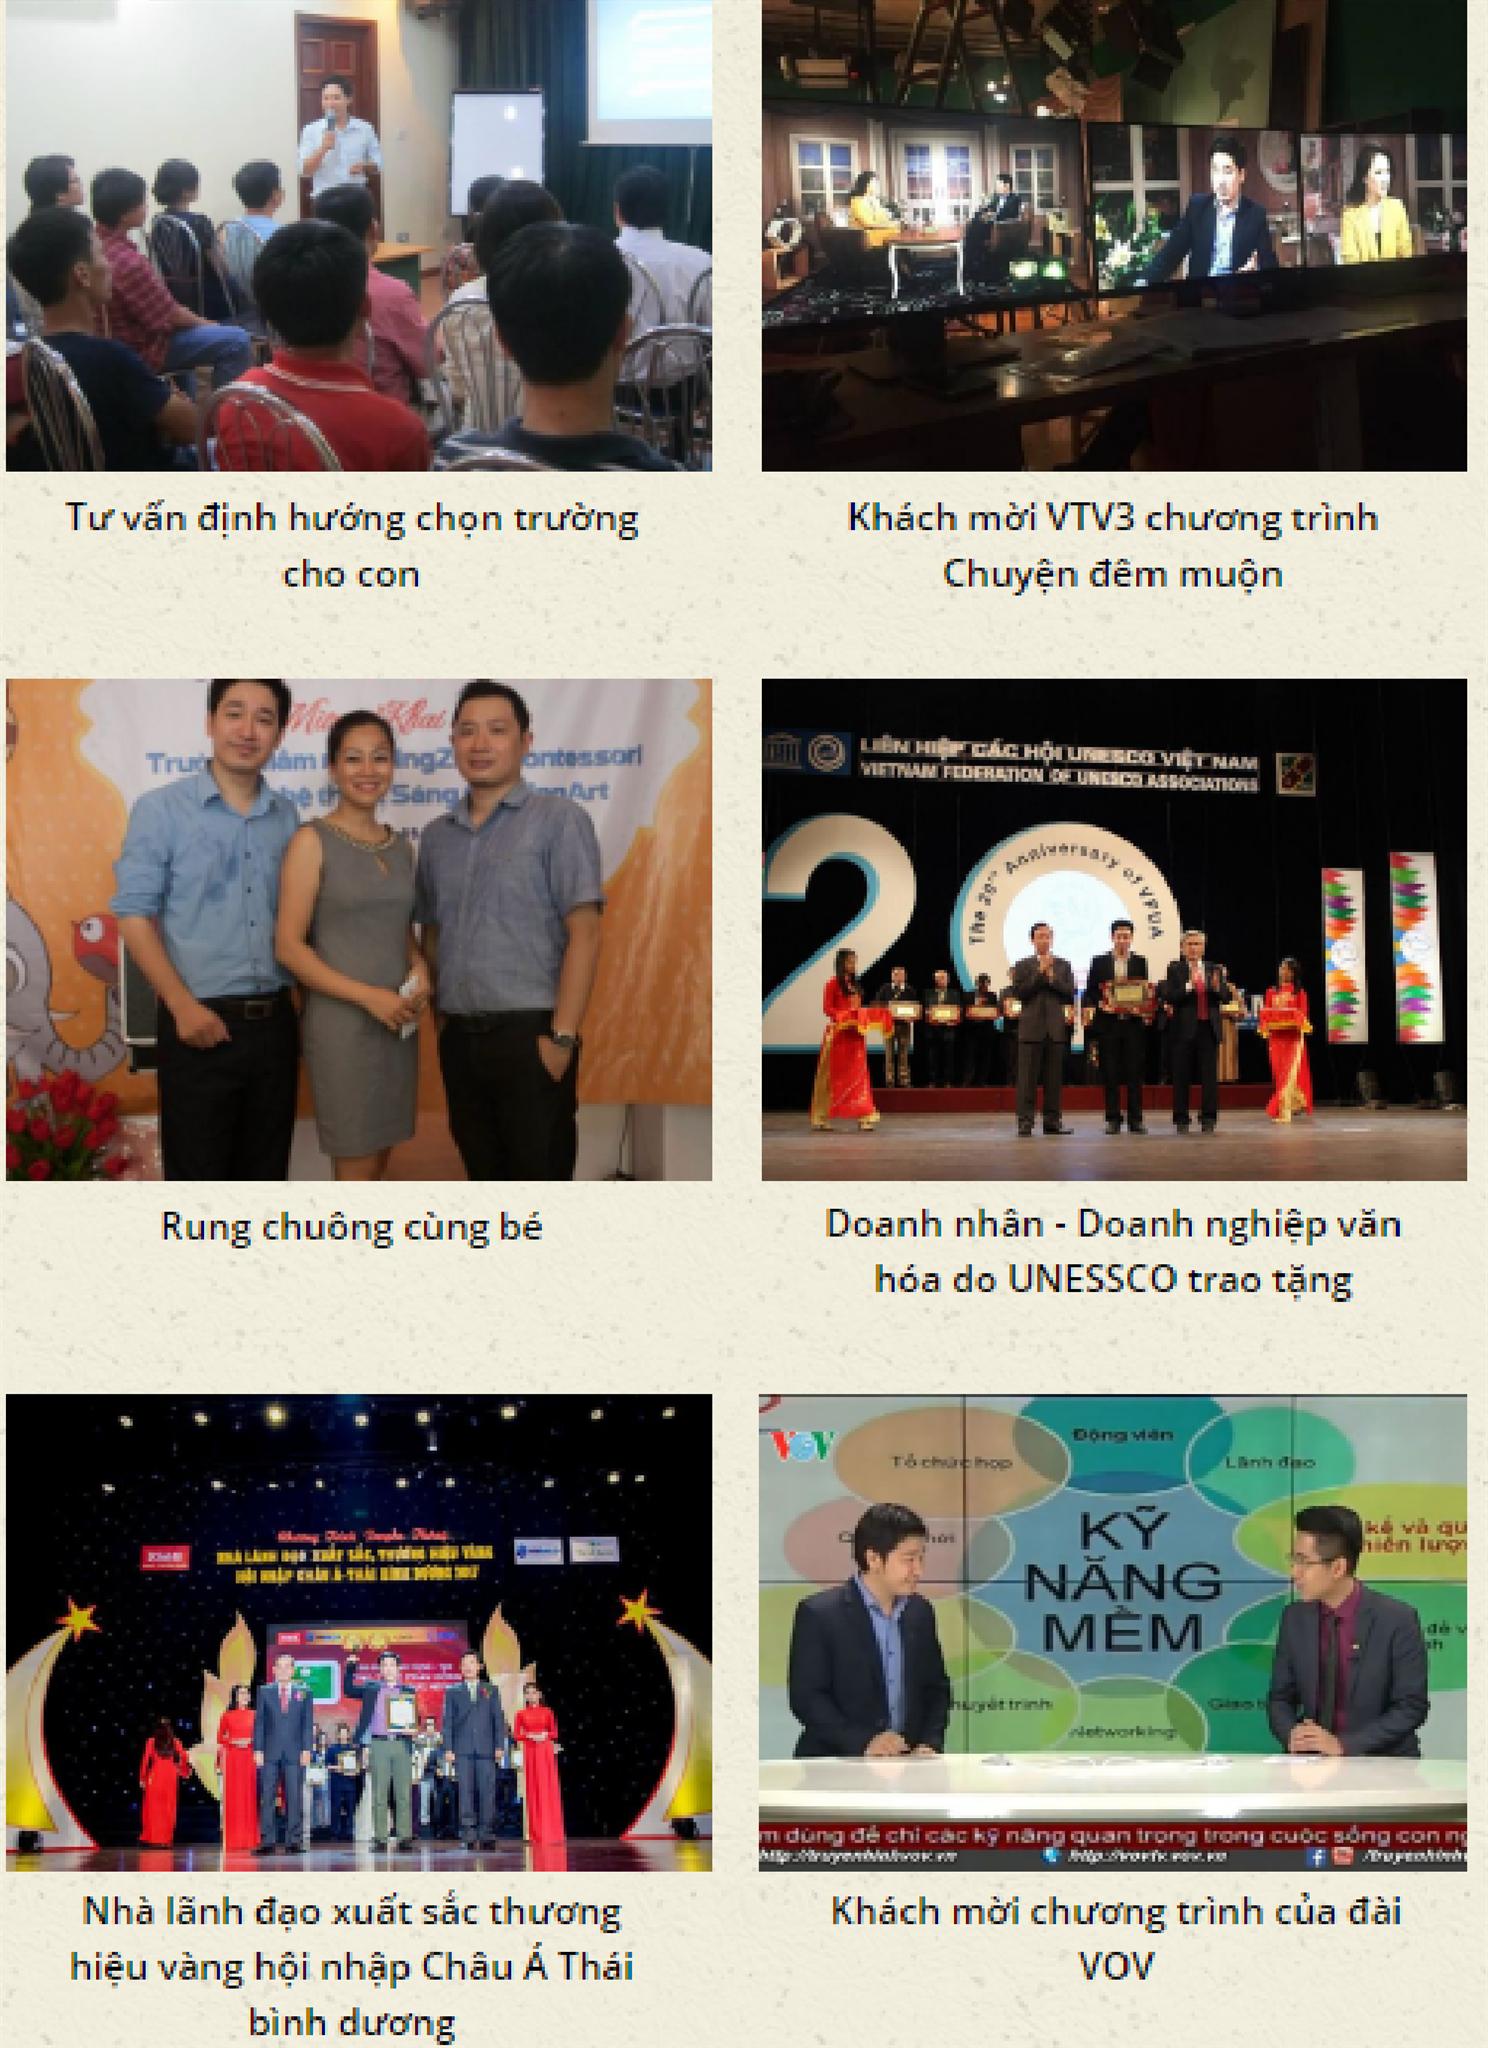 Luyện thi vào lớp 10 uy tín tại Hà Nội là Novateen